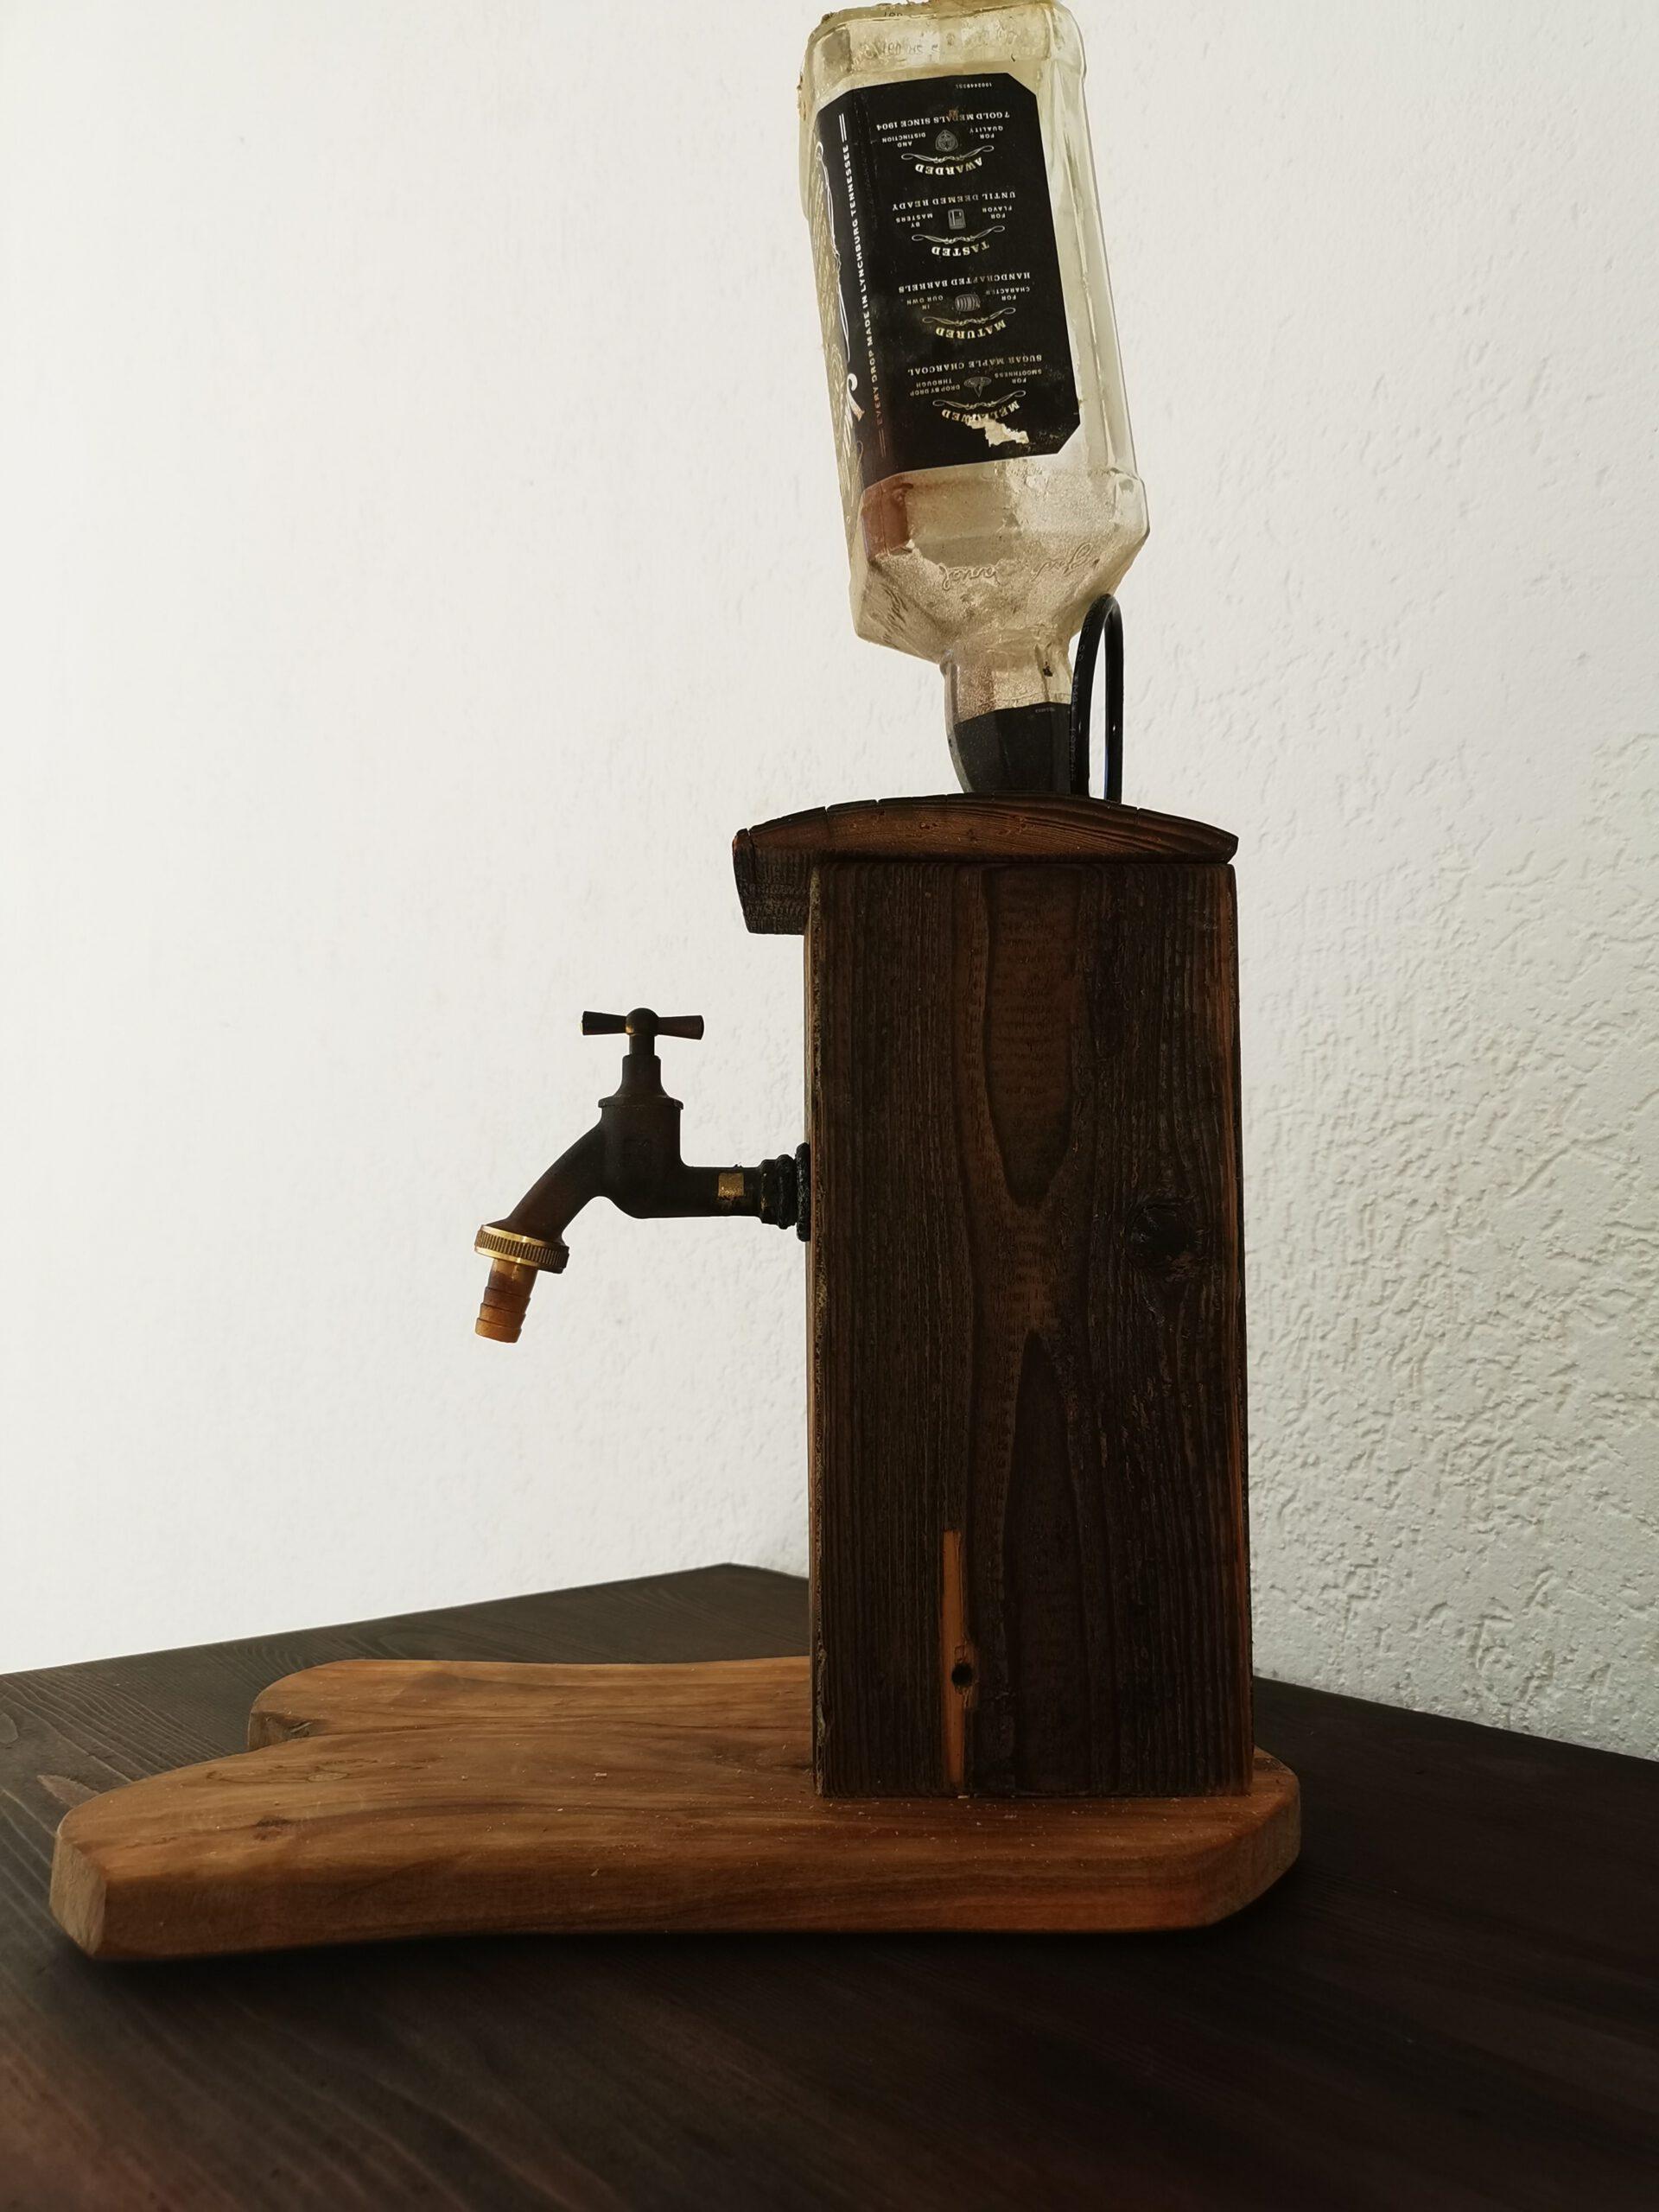 Whisky-Spender mit persönlicher Inschrift.